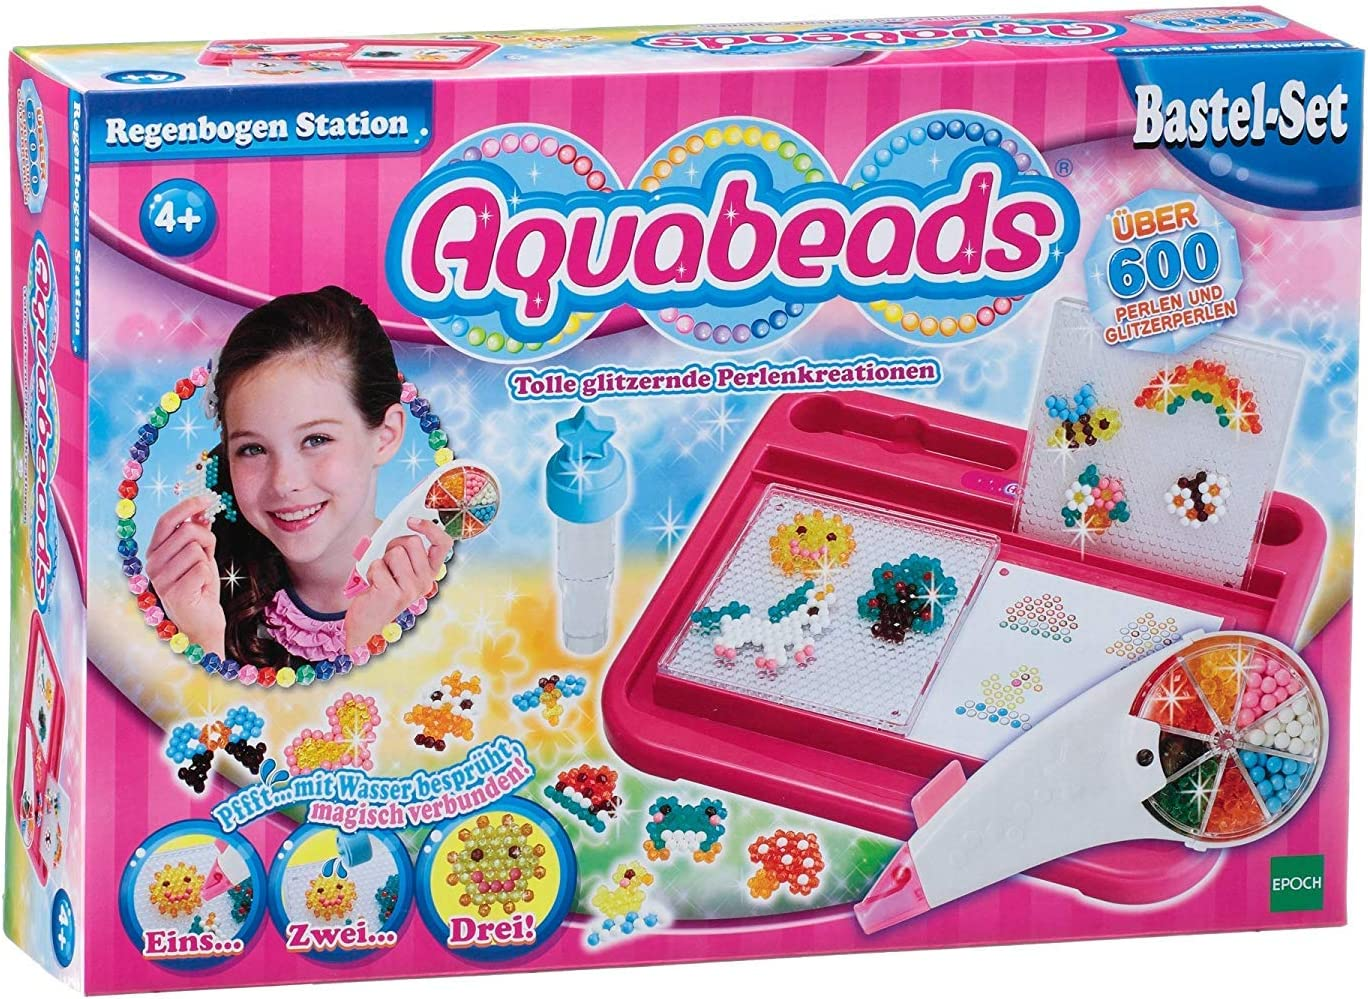 Aquabeads 79318 Kit de joyería para niños - Kits de joyería para niños (Juego de Perlas, 4 año(s), 600 Pieza(s), Multicolor, Niño, Chica): Amazon.es: Juguetes y juegos